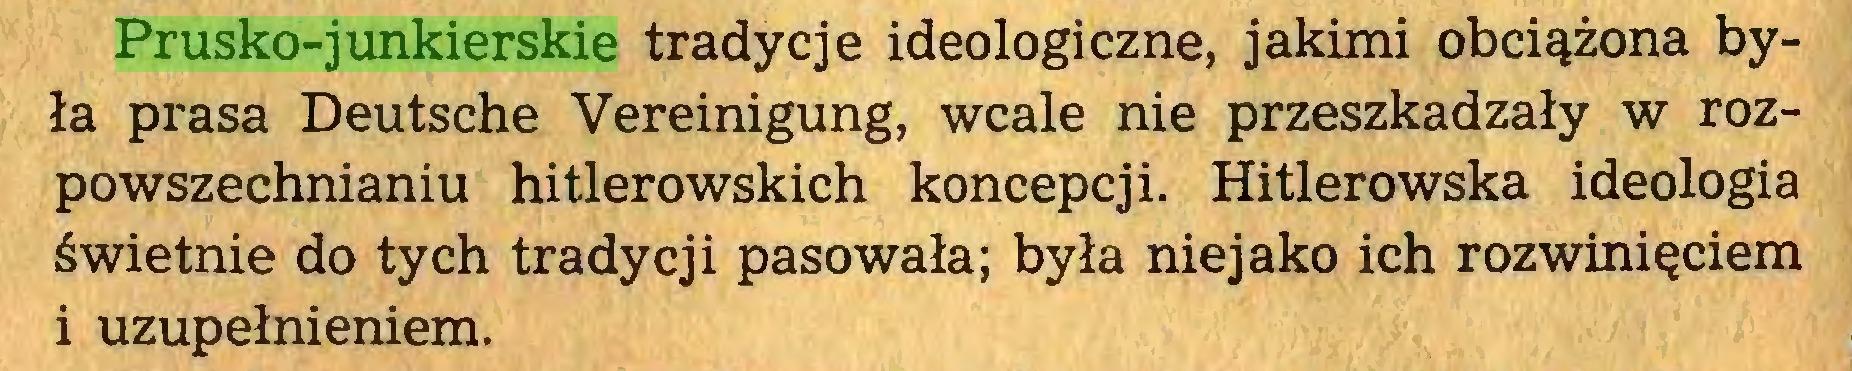 (...) Prusko-junkierskie tradycje ideologiczne, jakimi obciążona była prasa Deutsche Vereinigung, wcale nie przeszkadzały w rozpowszechnianiu hitlerowskich koncepcji. Hitlerowska ideologia świetnie do tych tradycji pasowała; była niejako ich rozwinięciem i uzupełnieniem...